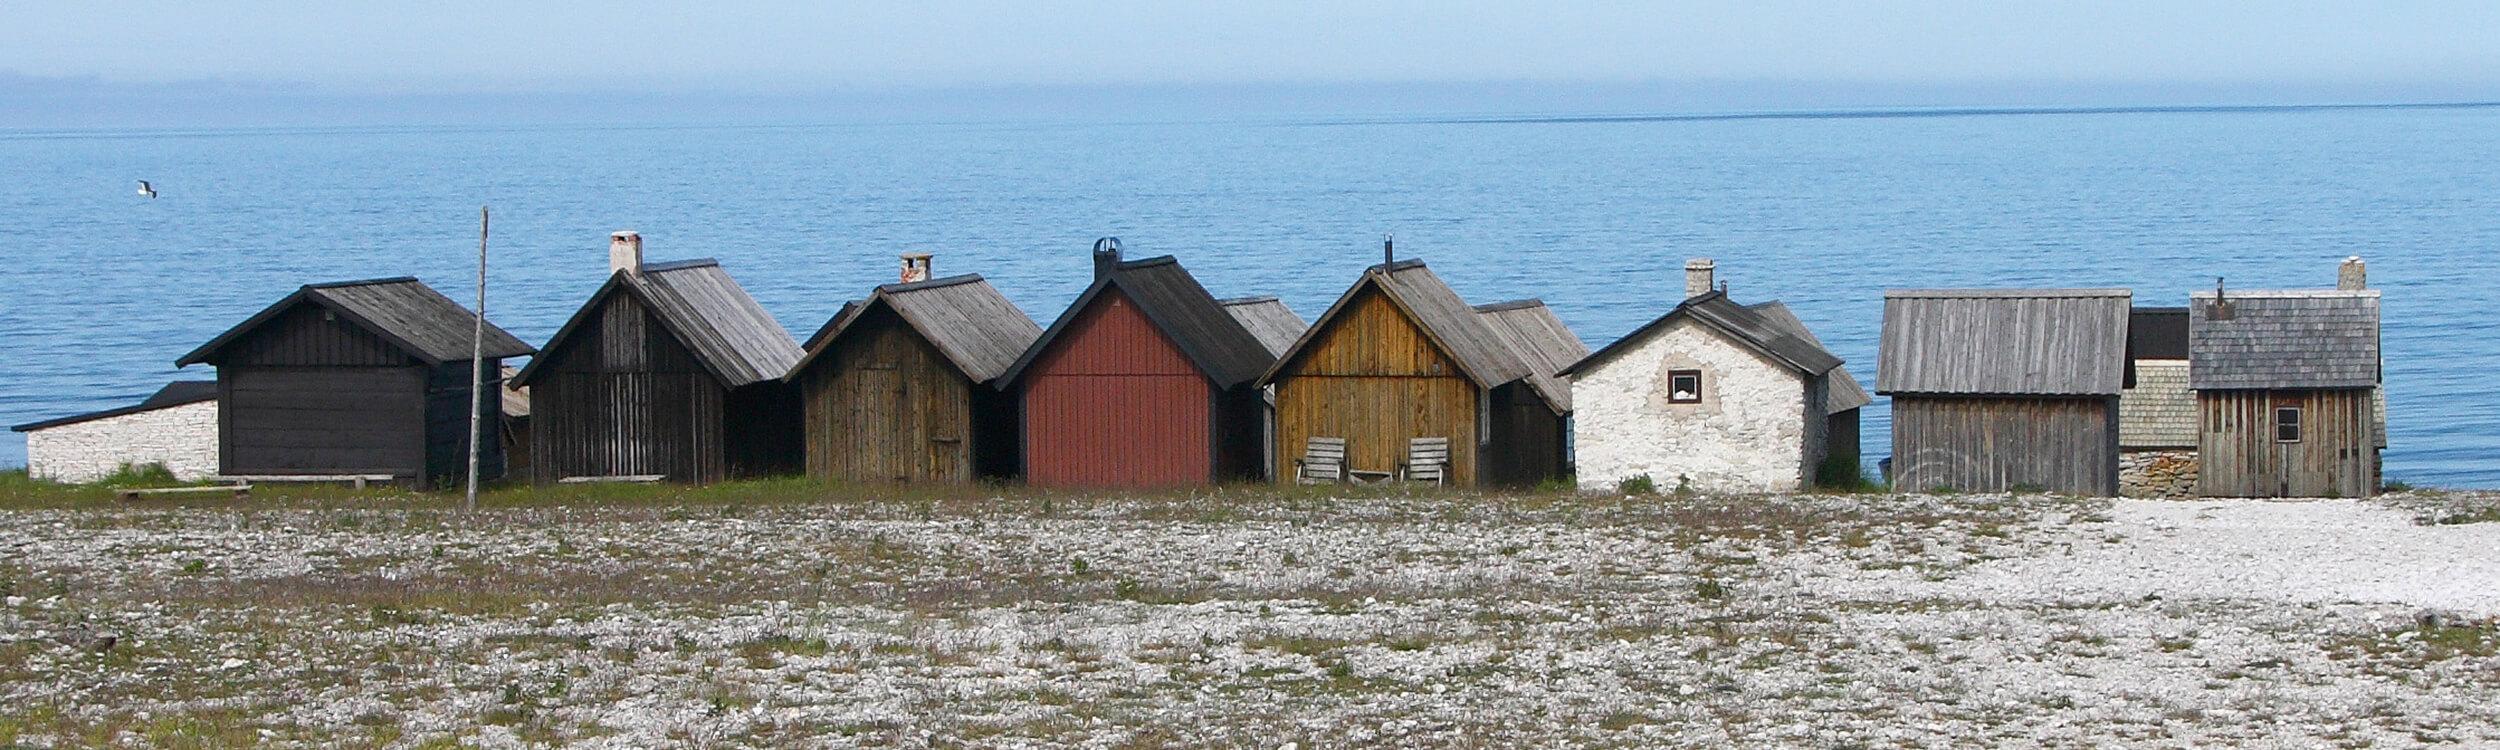 Bodarna i Helgumannens fiskeläge på Fårö. Grundformen är lika men takvinklar, material och kulör varierar